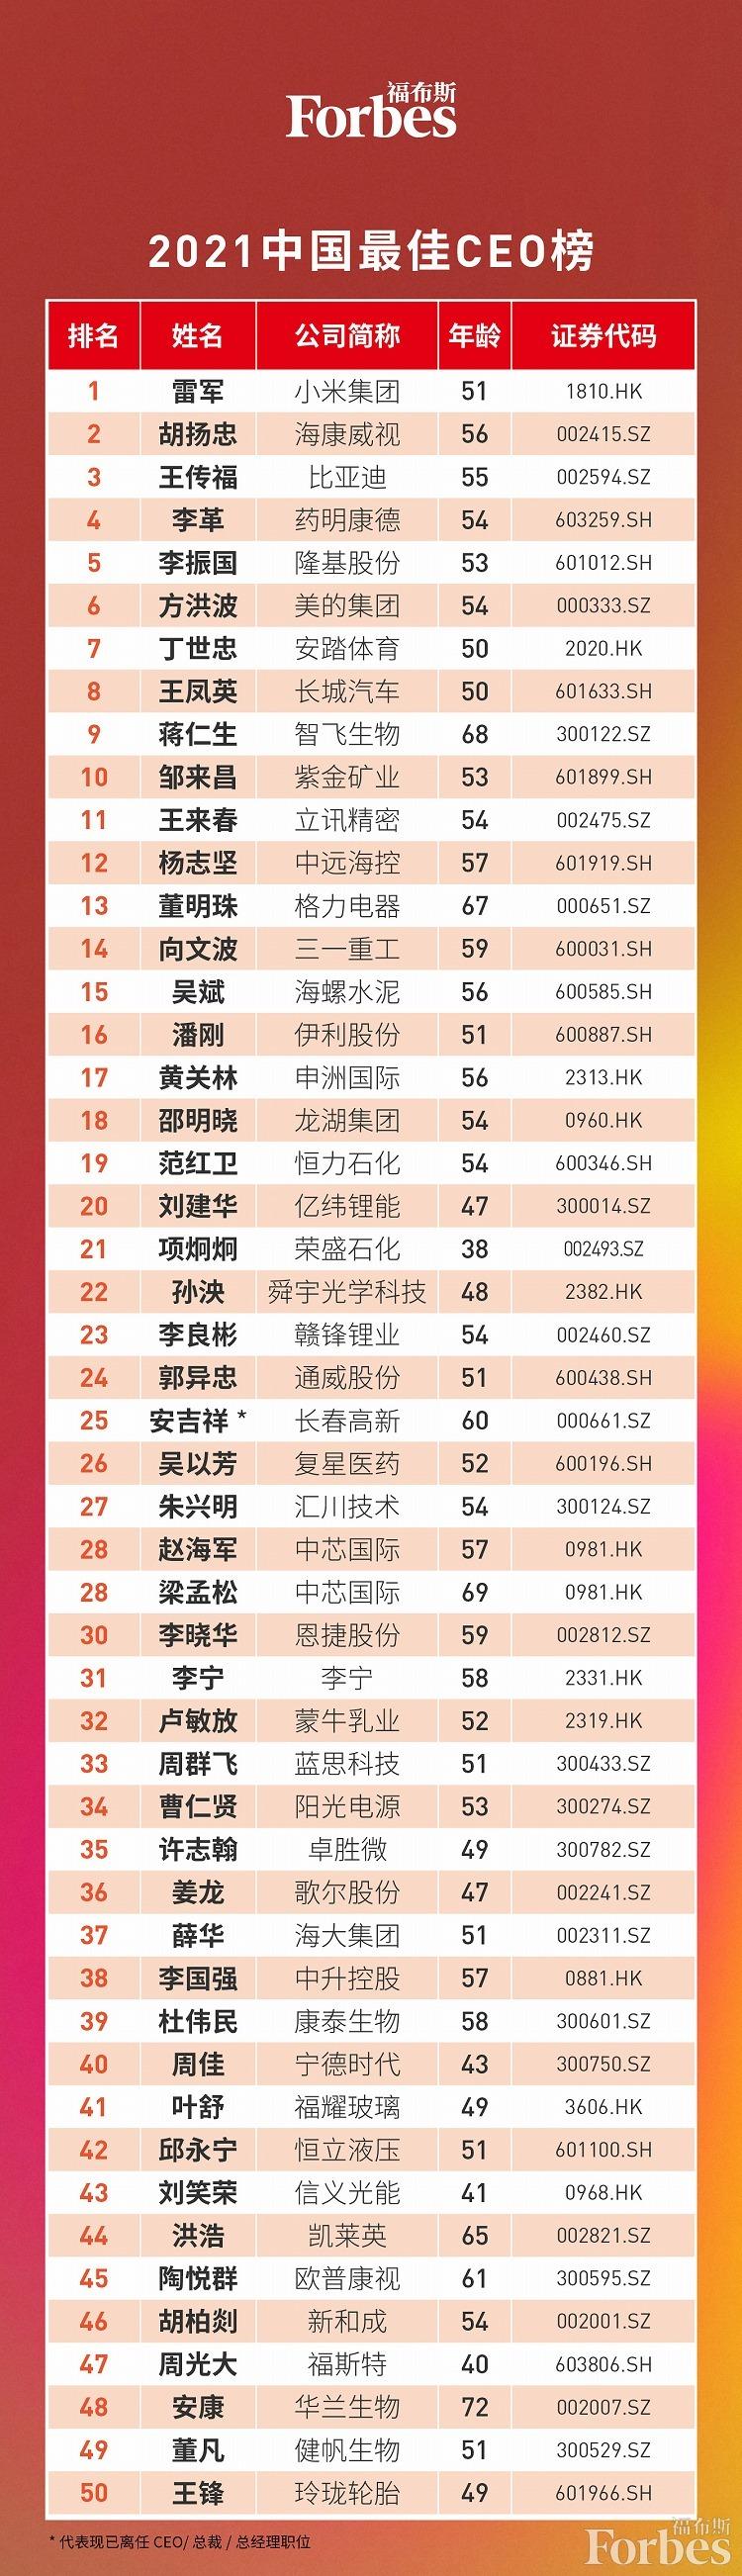 福布斯中国发布最佳CEO榜 电池新能源领域12位CEO上榜